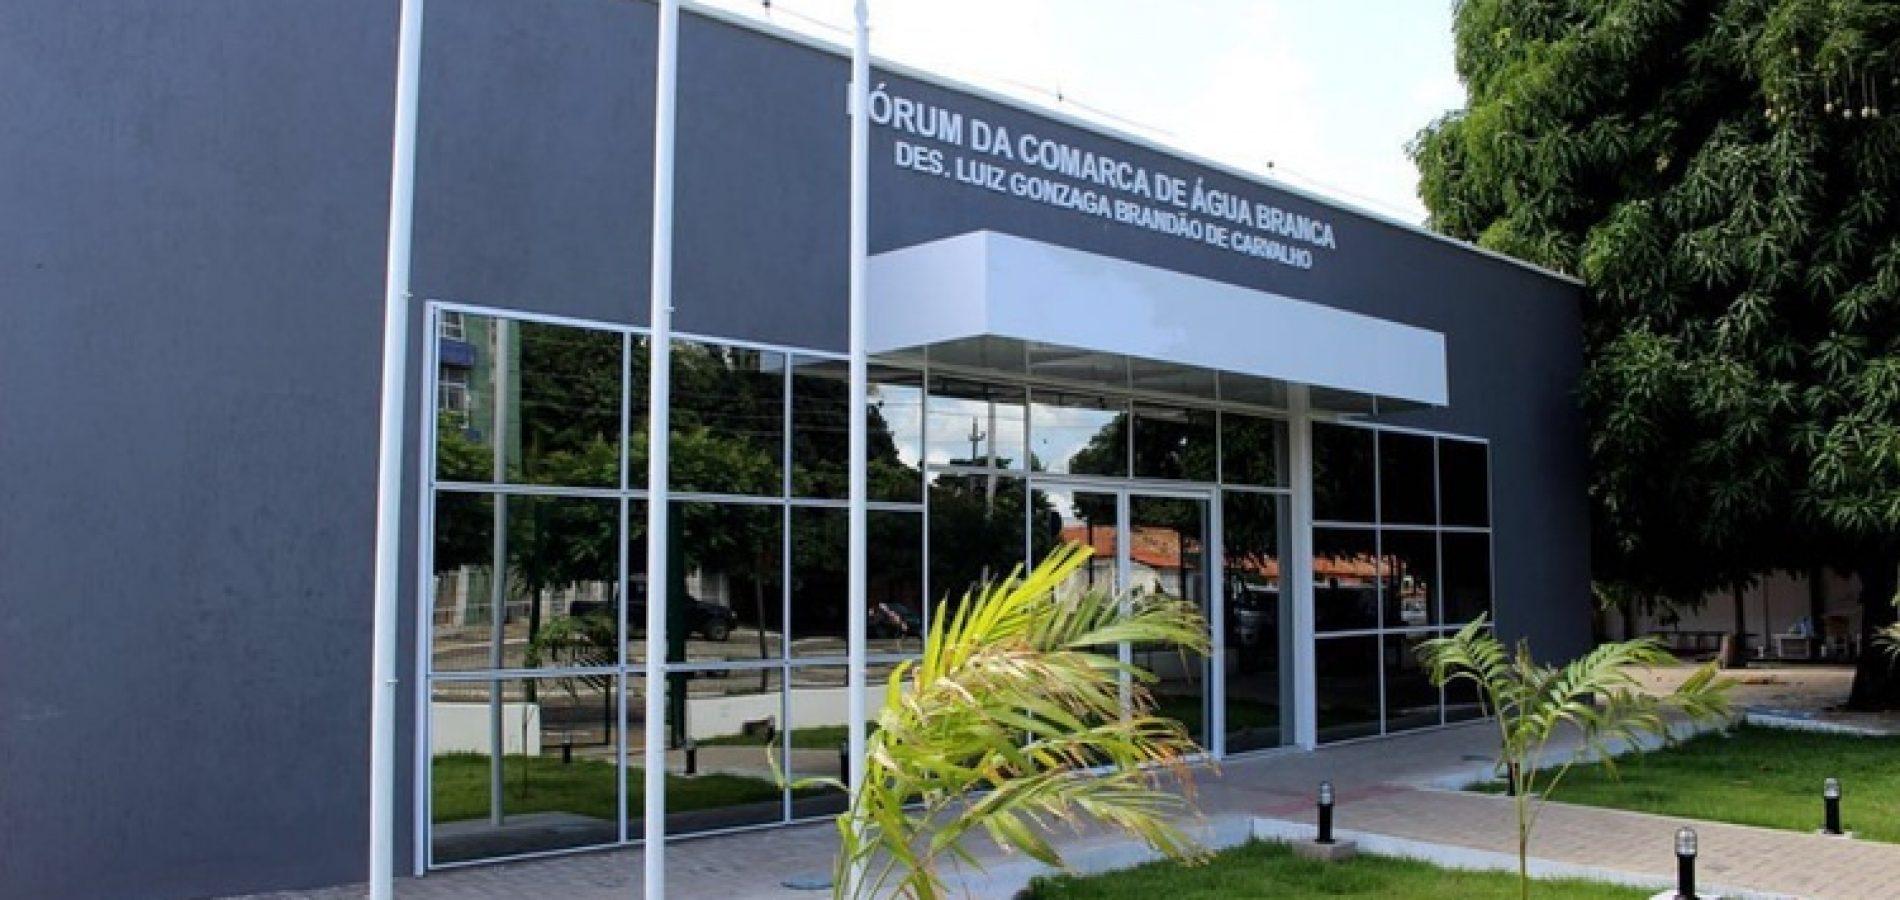 Durante audiência de custódia, detento aproveita descuido e consegue escapar no Piauí